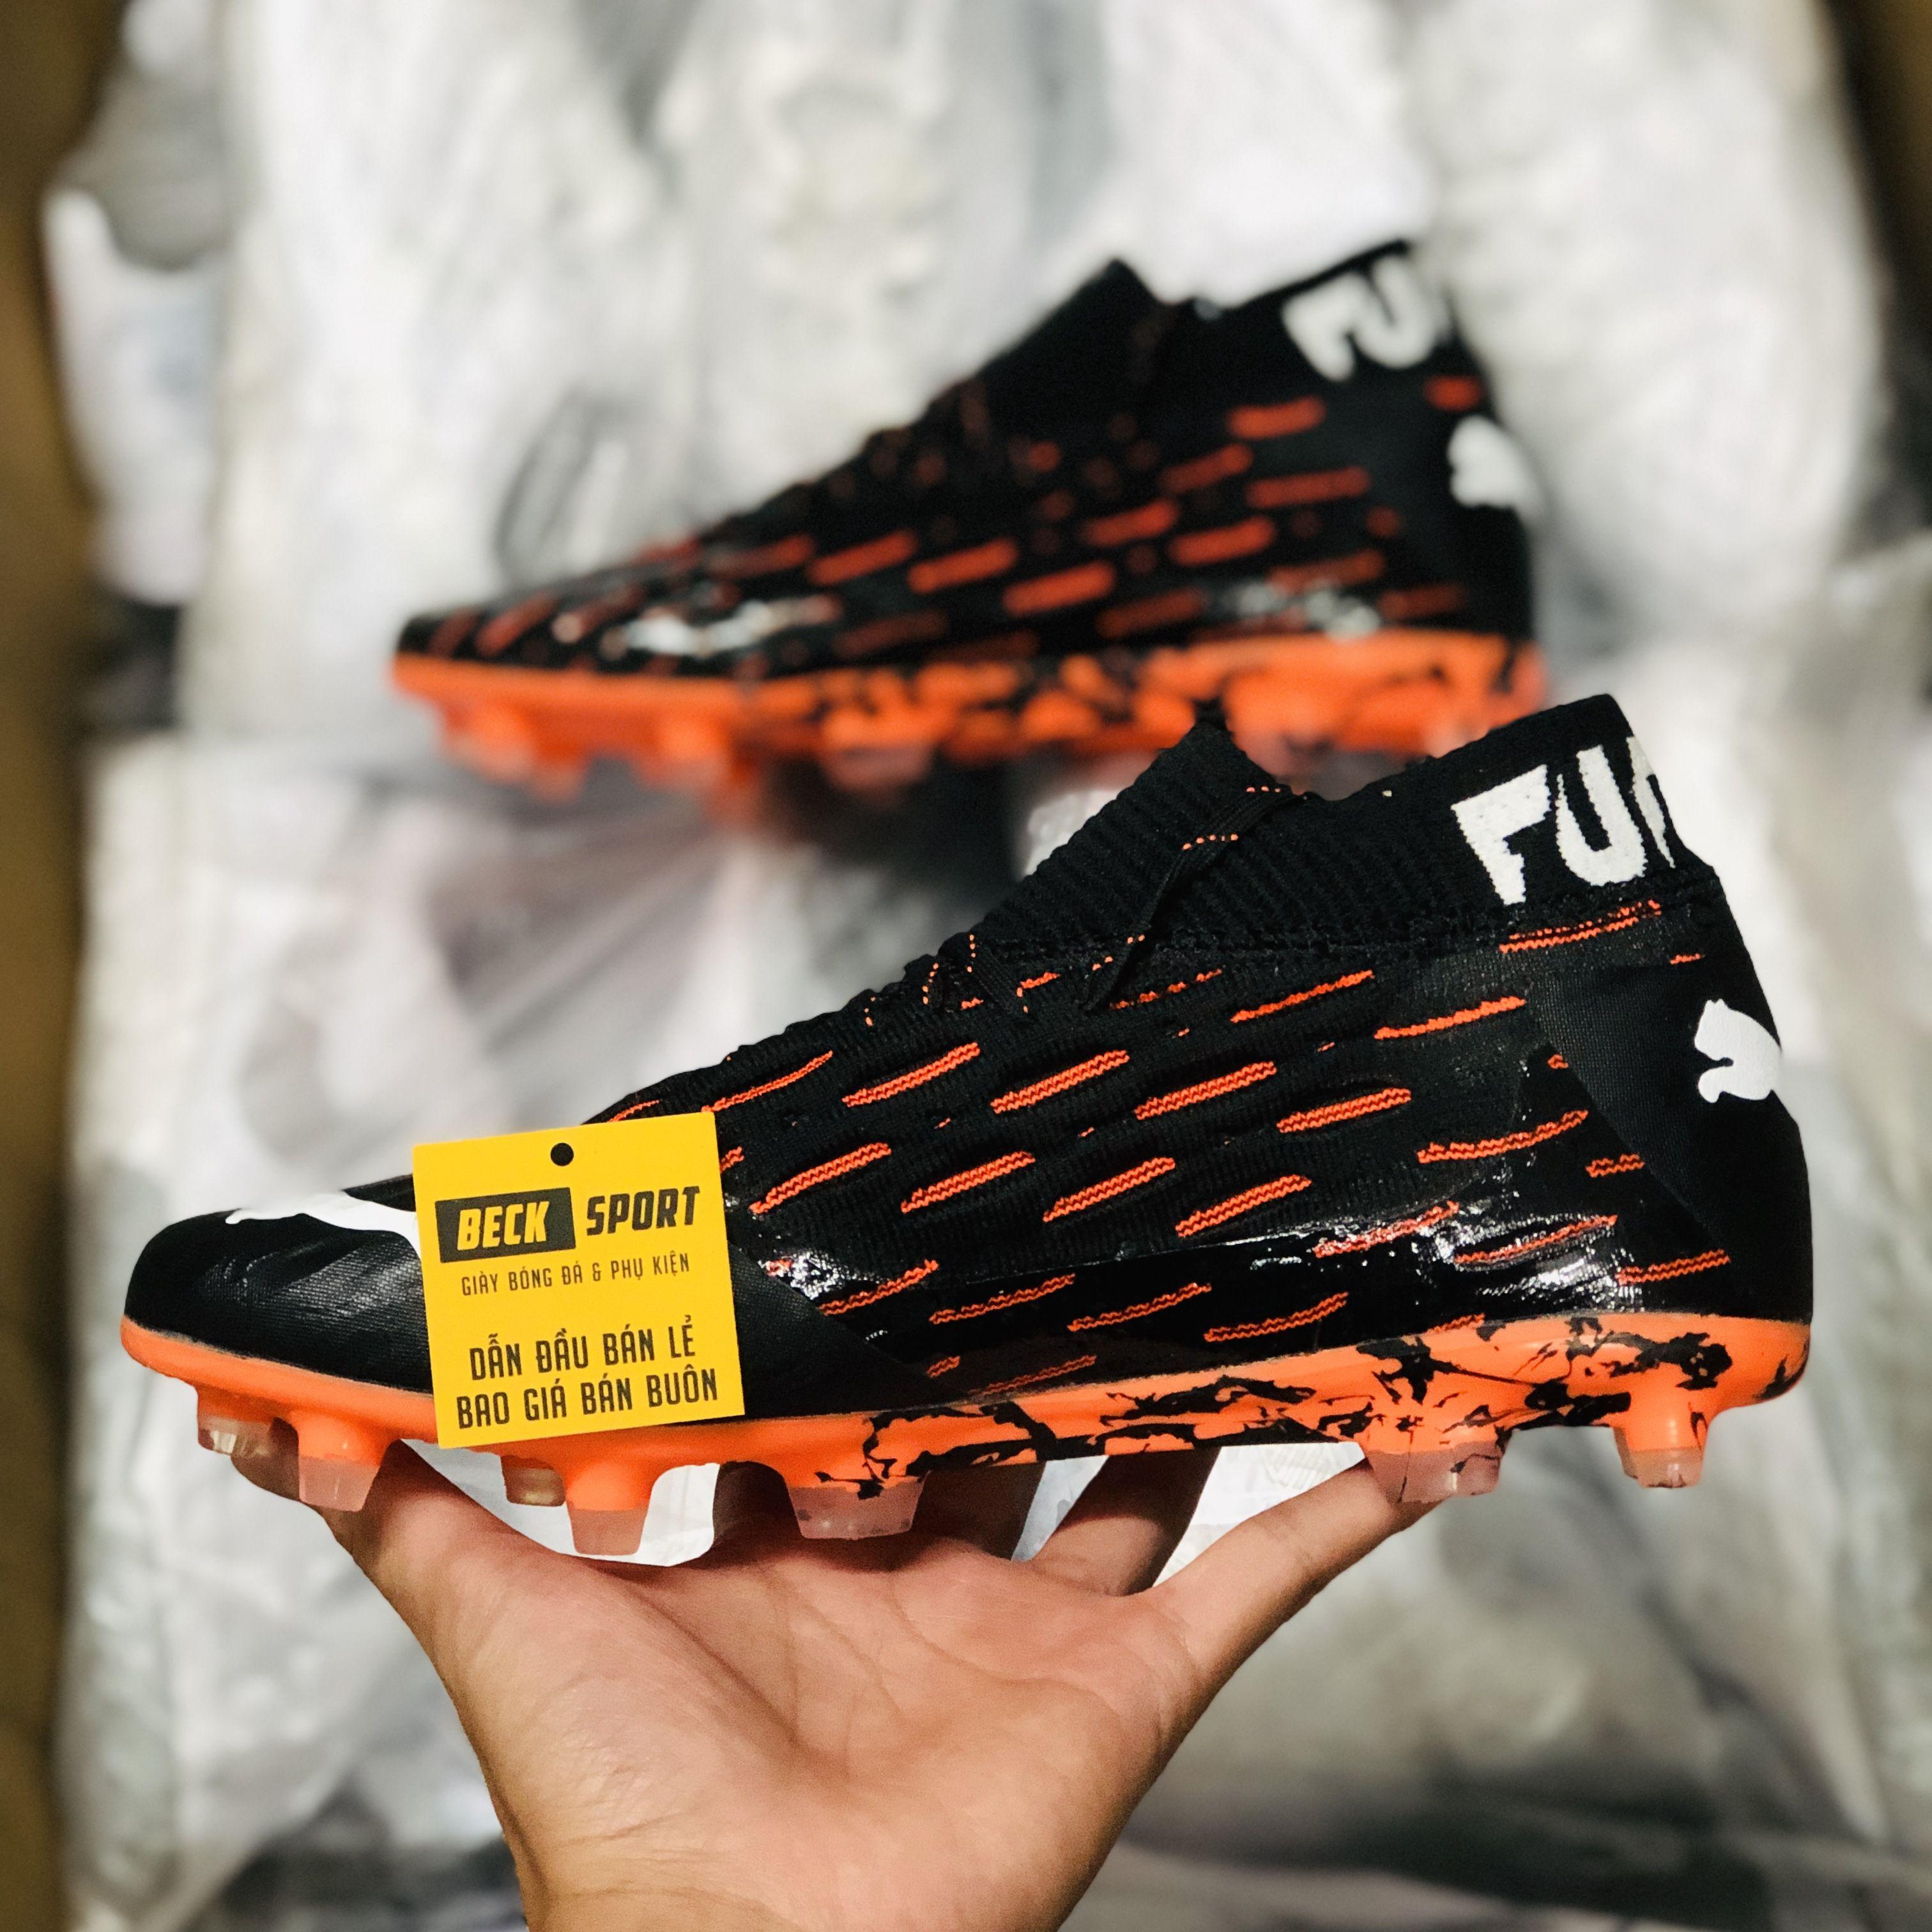 Giày Bóng Đá Puma Future 5.1 Netfit Đen Đế Cam Cổ Lửng FG